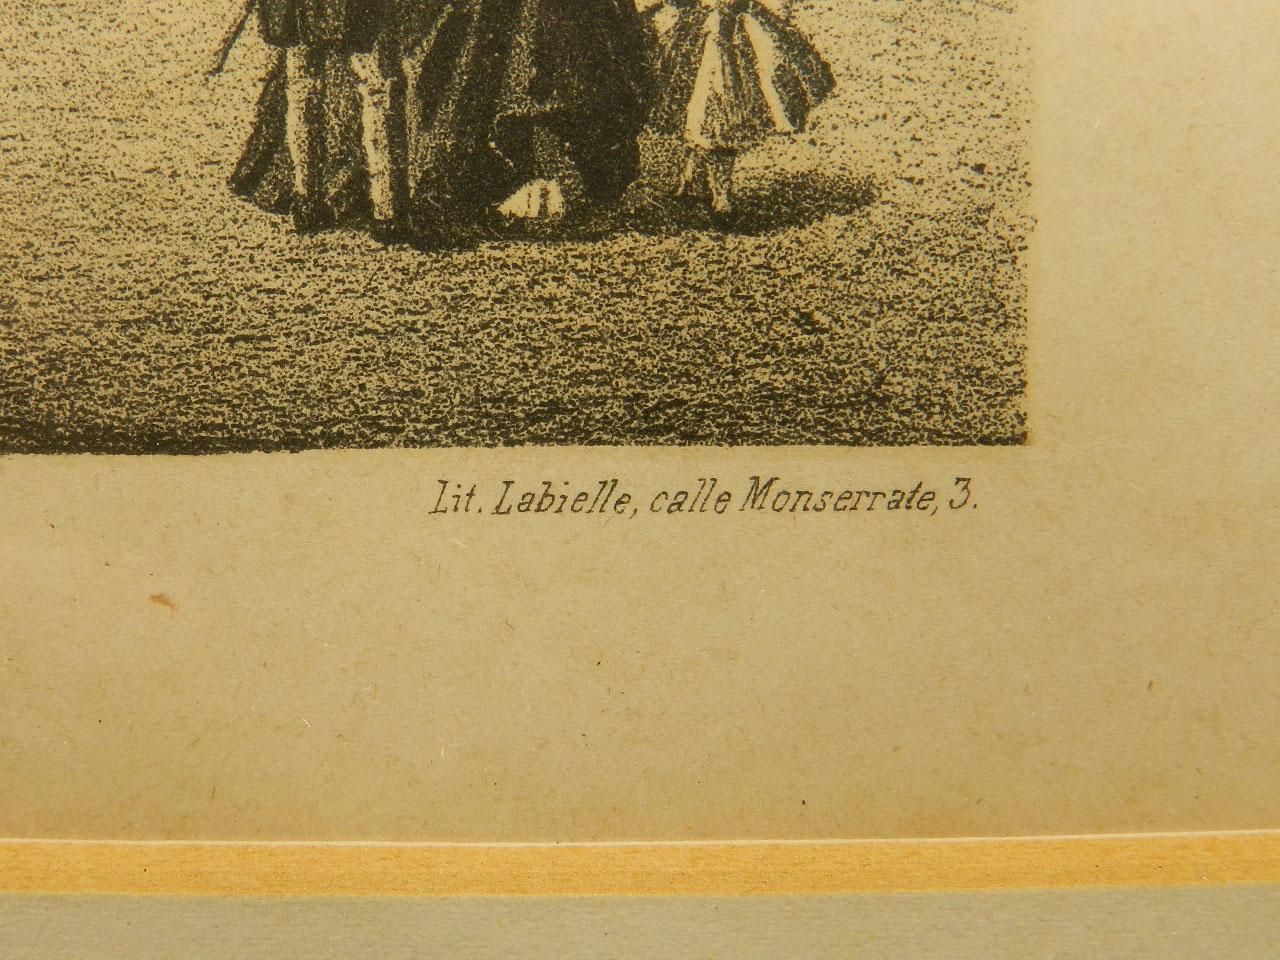 Imagen LITOGRAFÍA P. MAYOR SALAMANCA AÑO 1860 24845